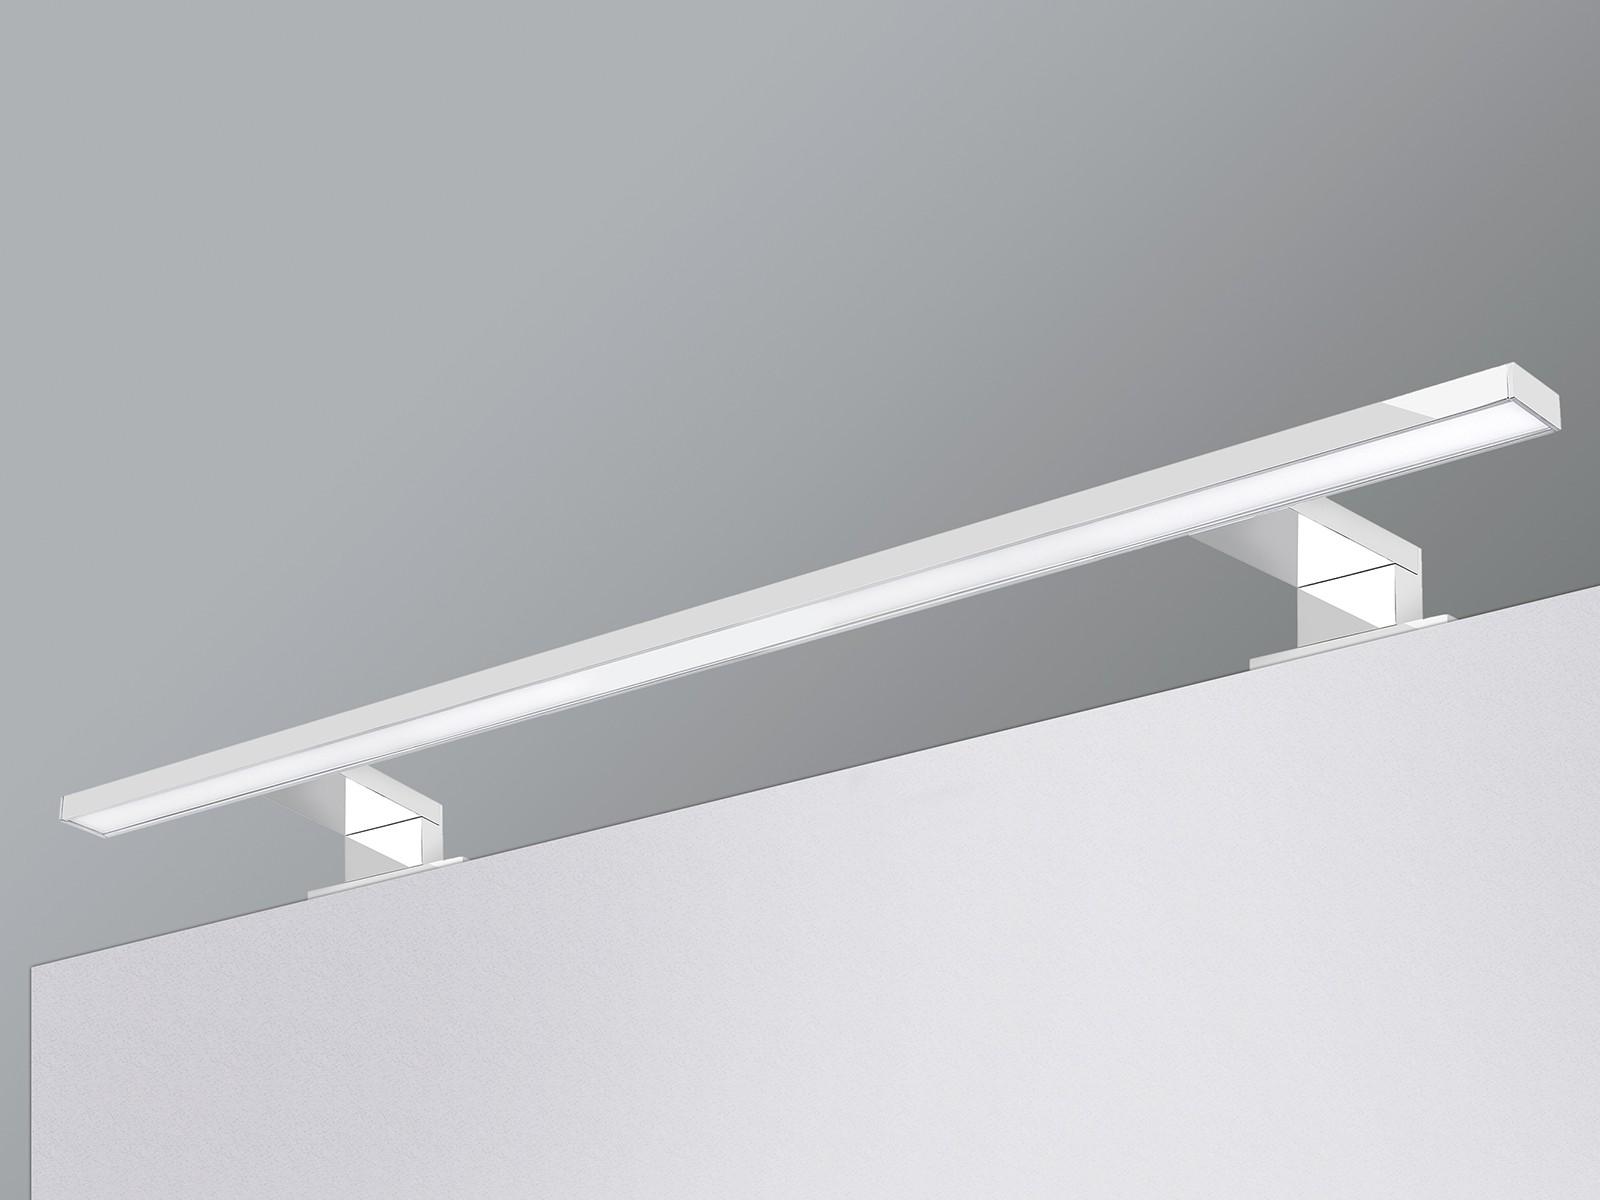 led badleuchte spiegelleuchte 9w ip44 tageslichtwei 60cm chrom gl nzend. Black Bedroom Furniture Sets. Home Design Ideas